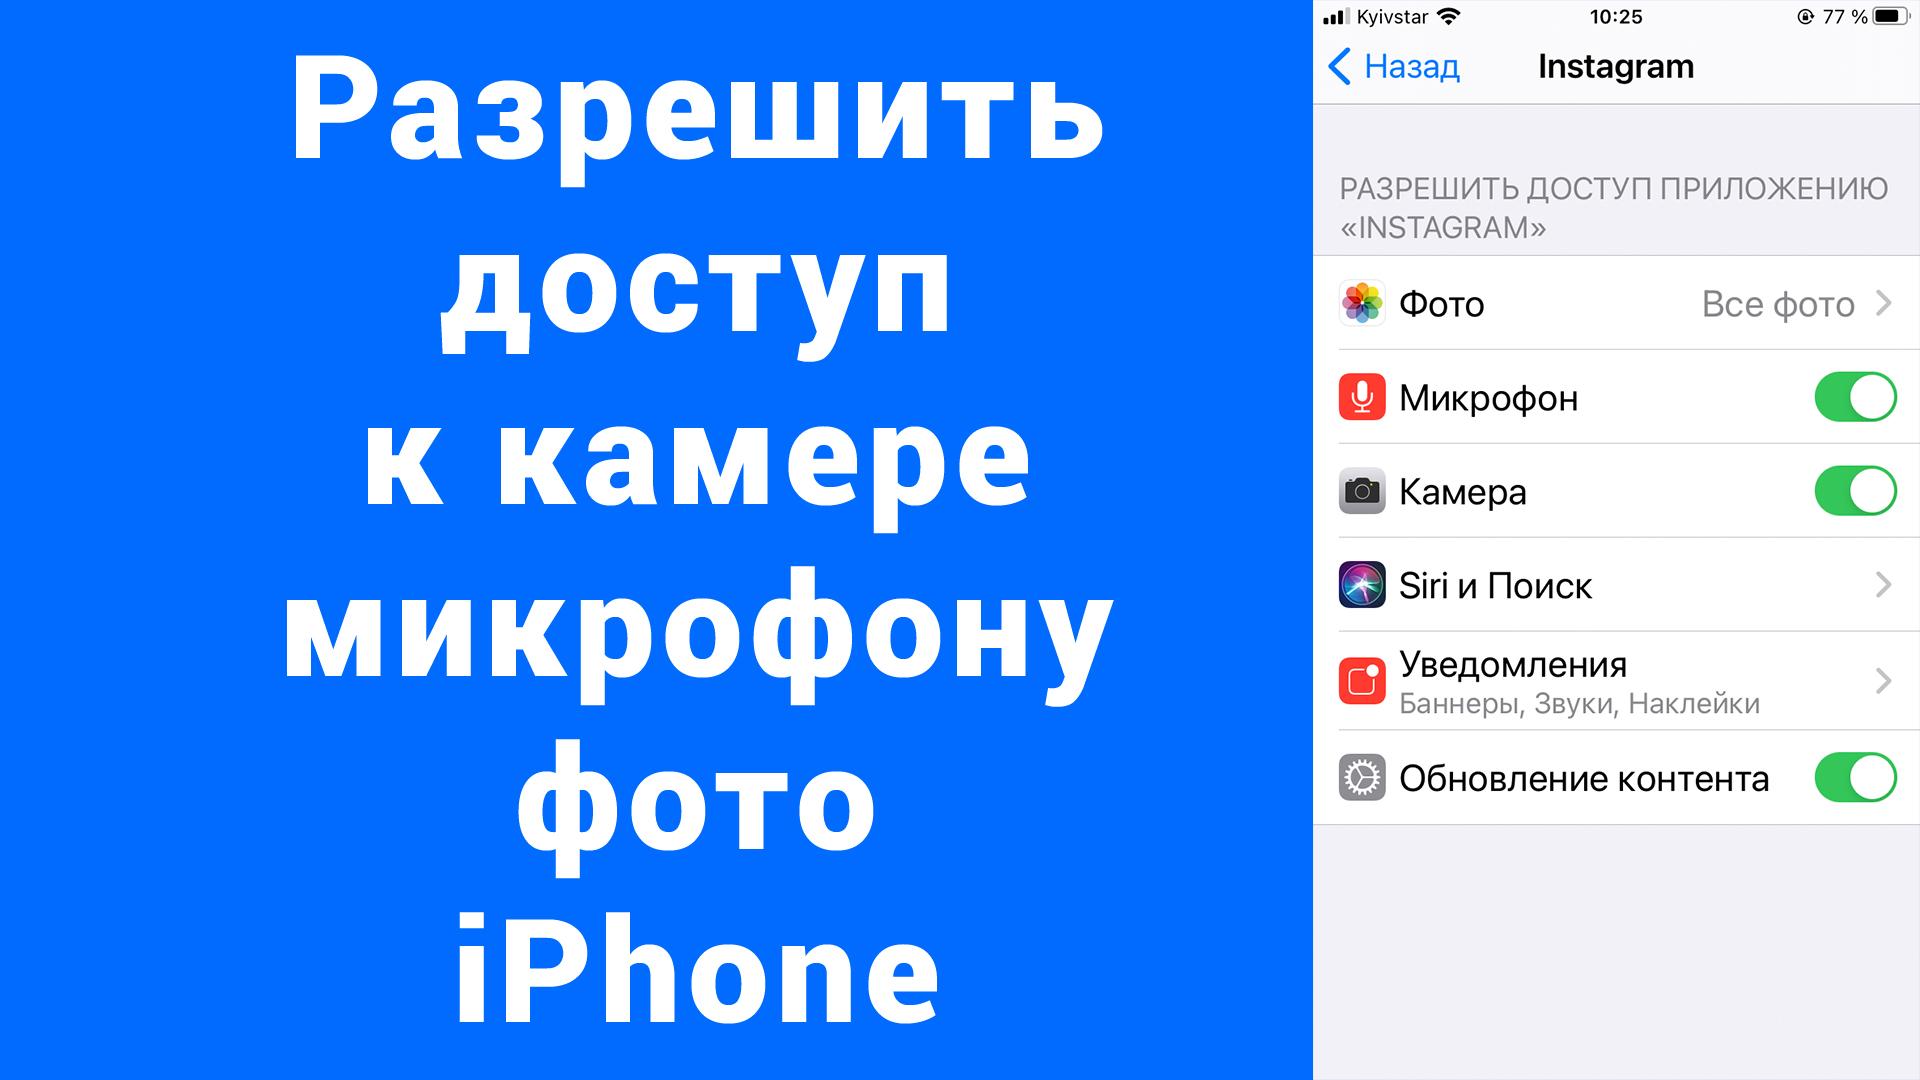 Запретил доступ приложению к камере, фото iPhone как разрешить